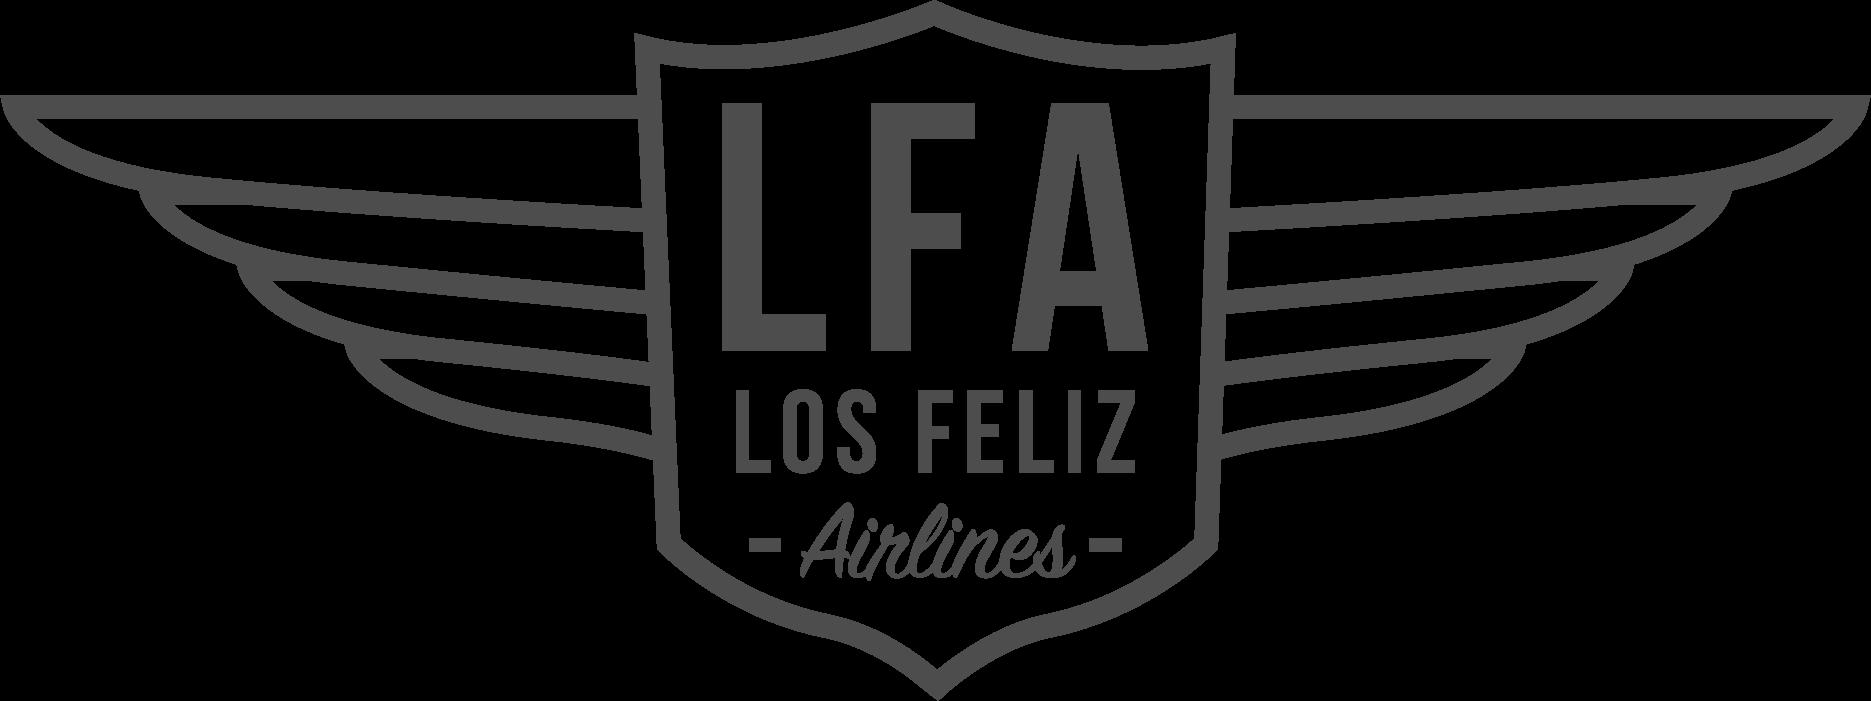 LFA sticker 2.png